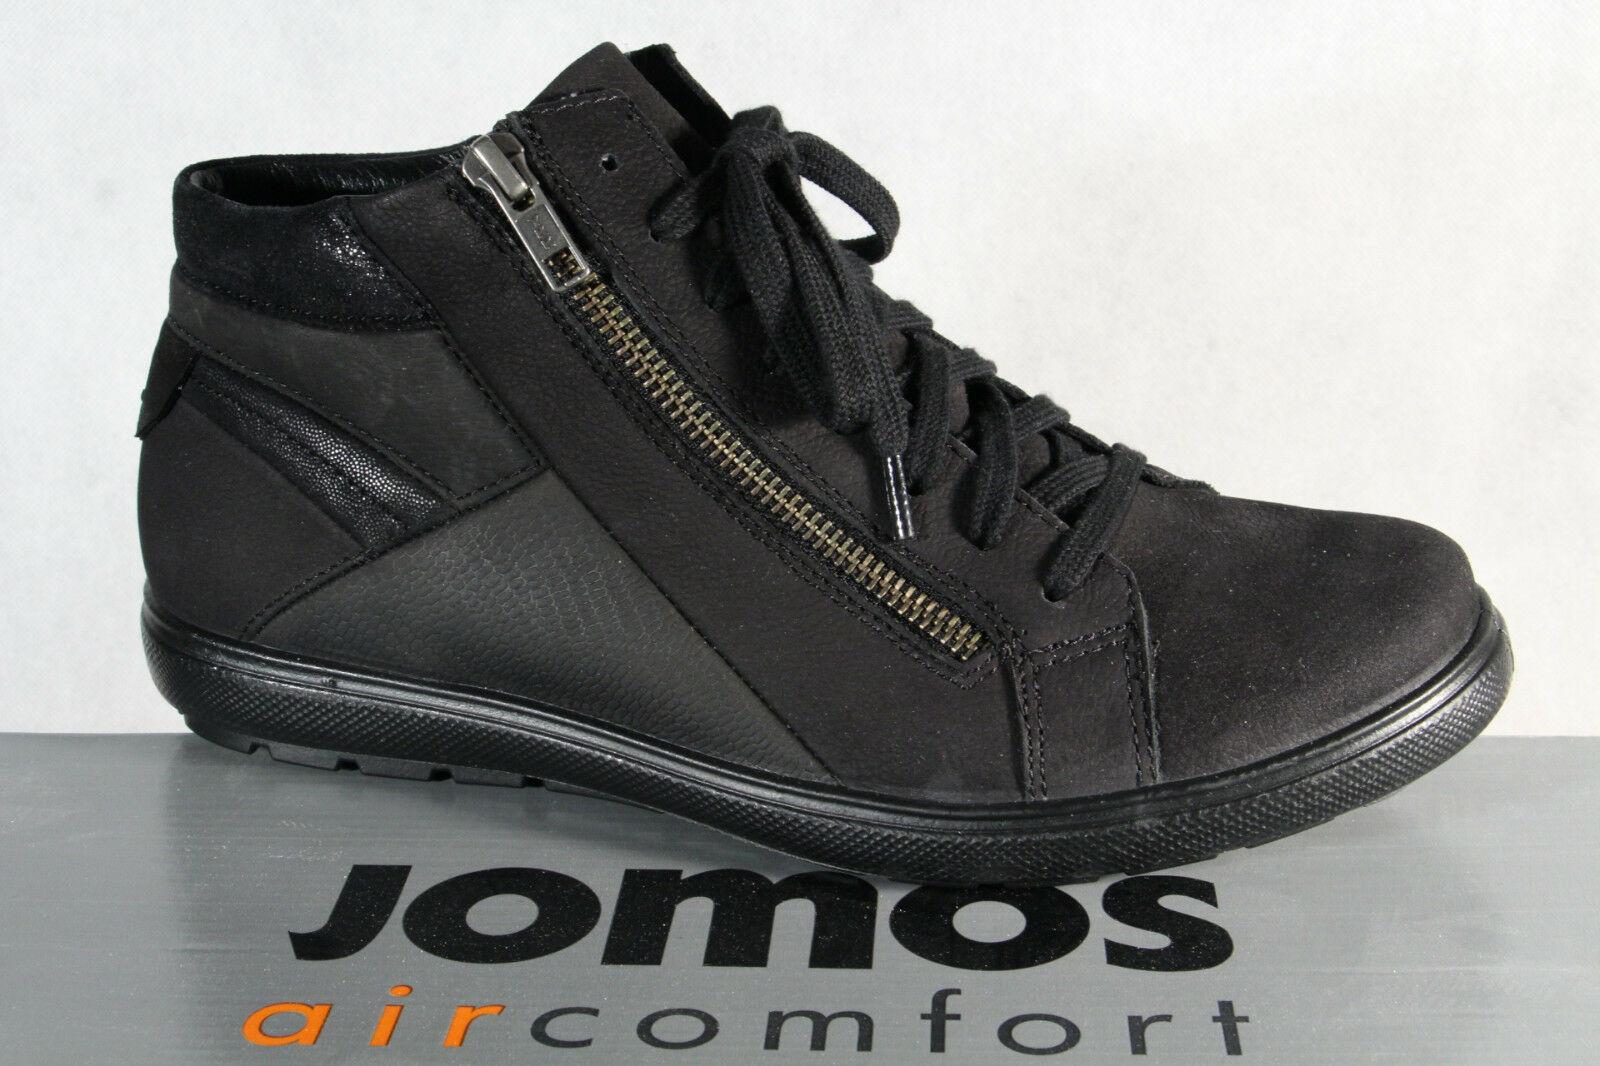 Modern und elegant in der Mode Großbritannien neu kommen an Jomos Damen Stiefeletten Boots Winterstiefel Stiefel schwarz Echtleder Neu!